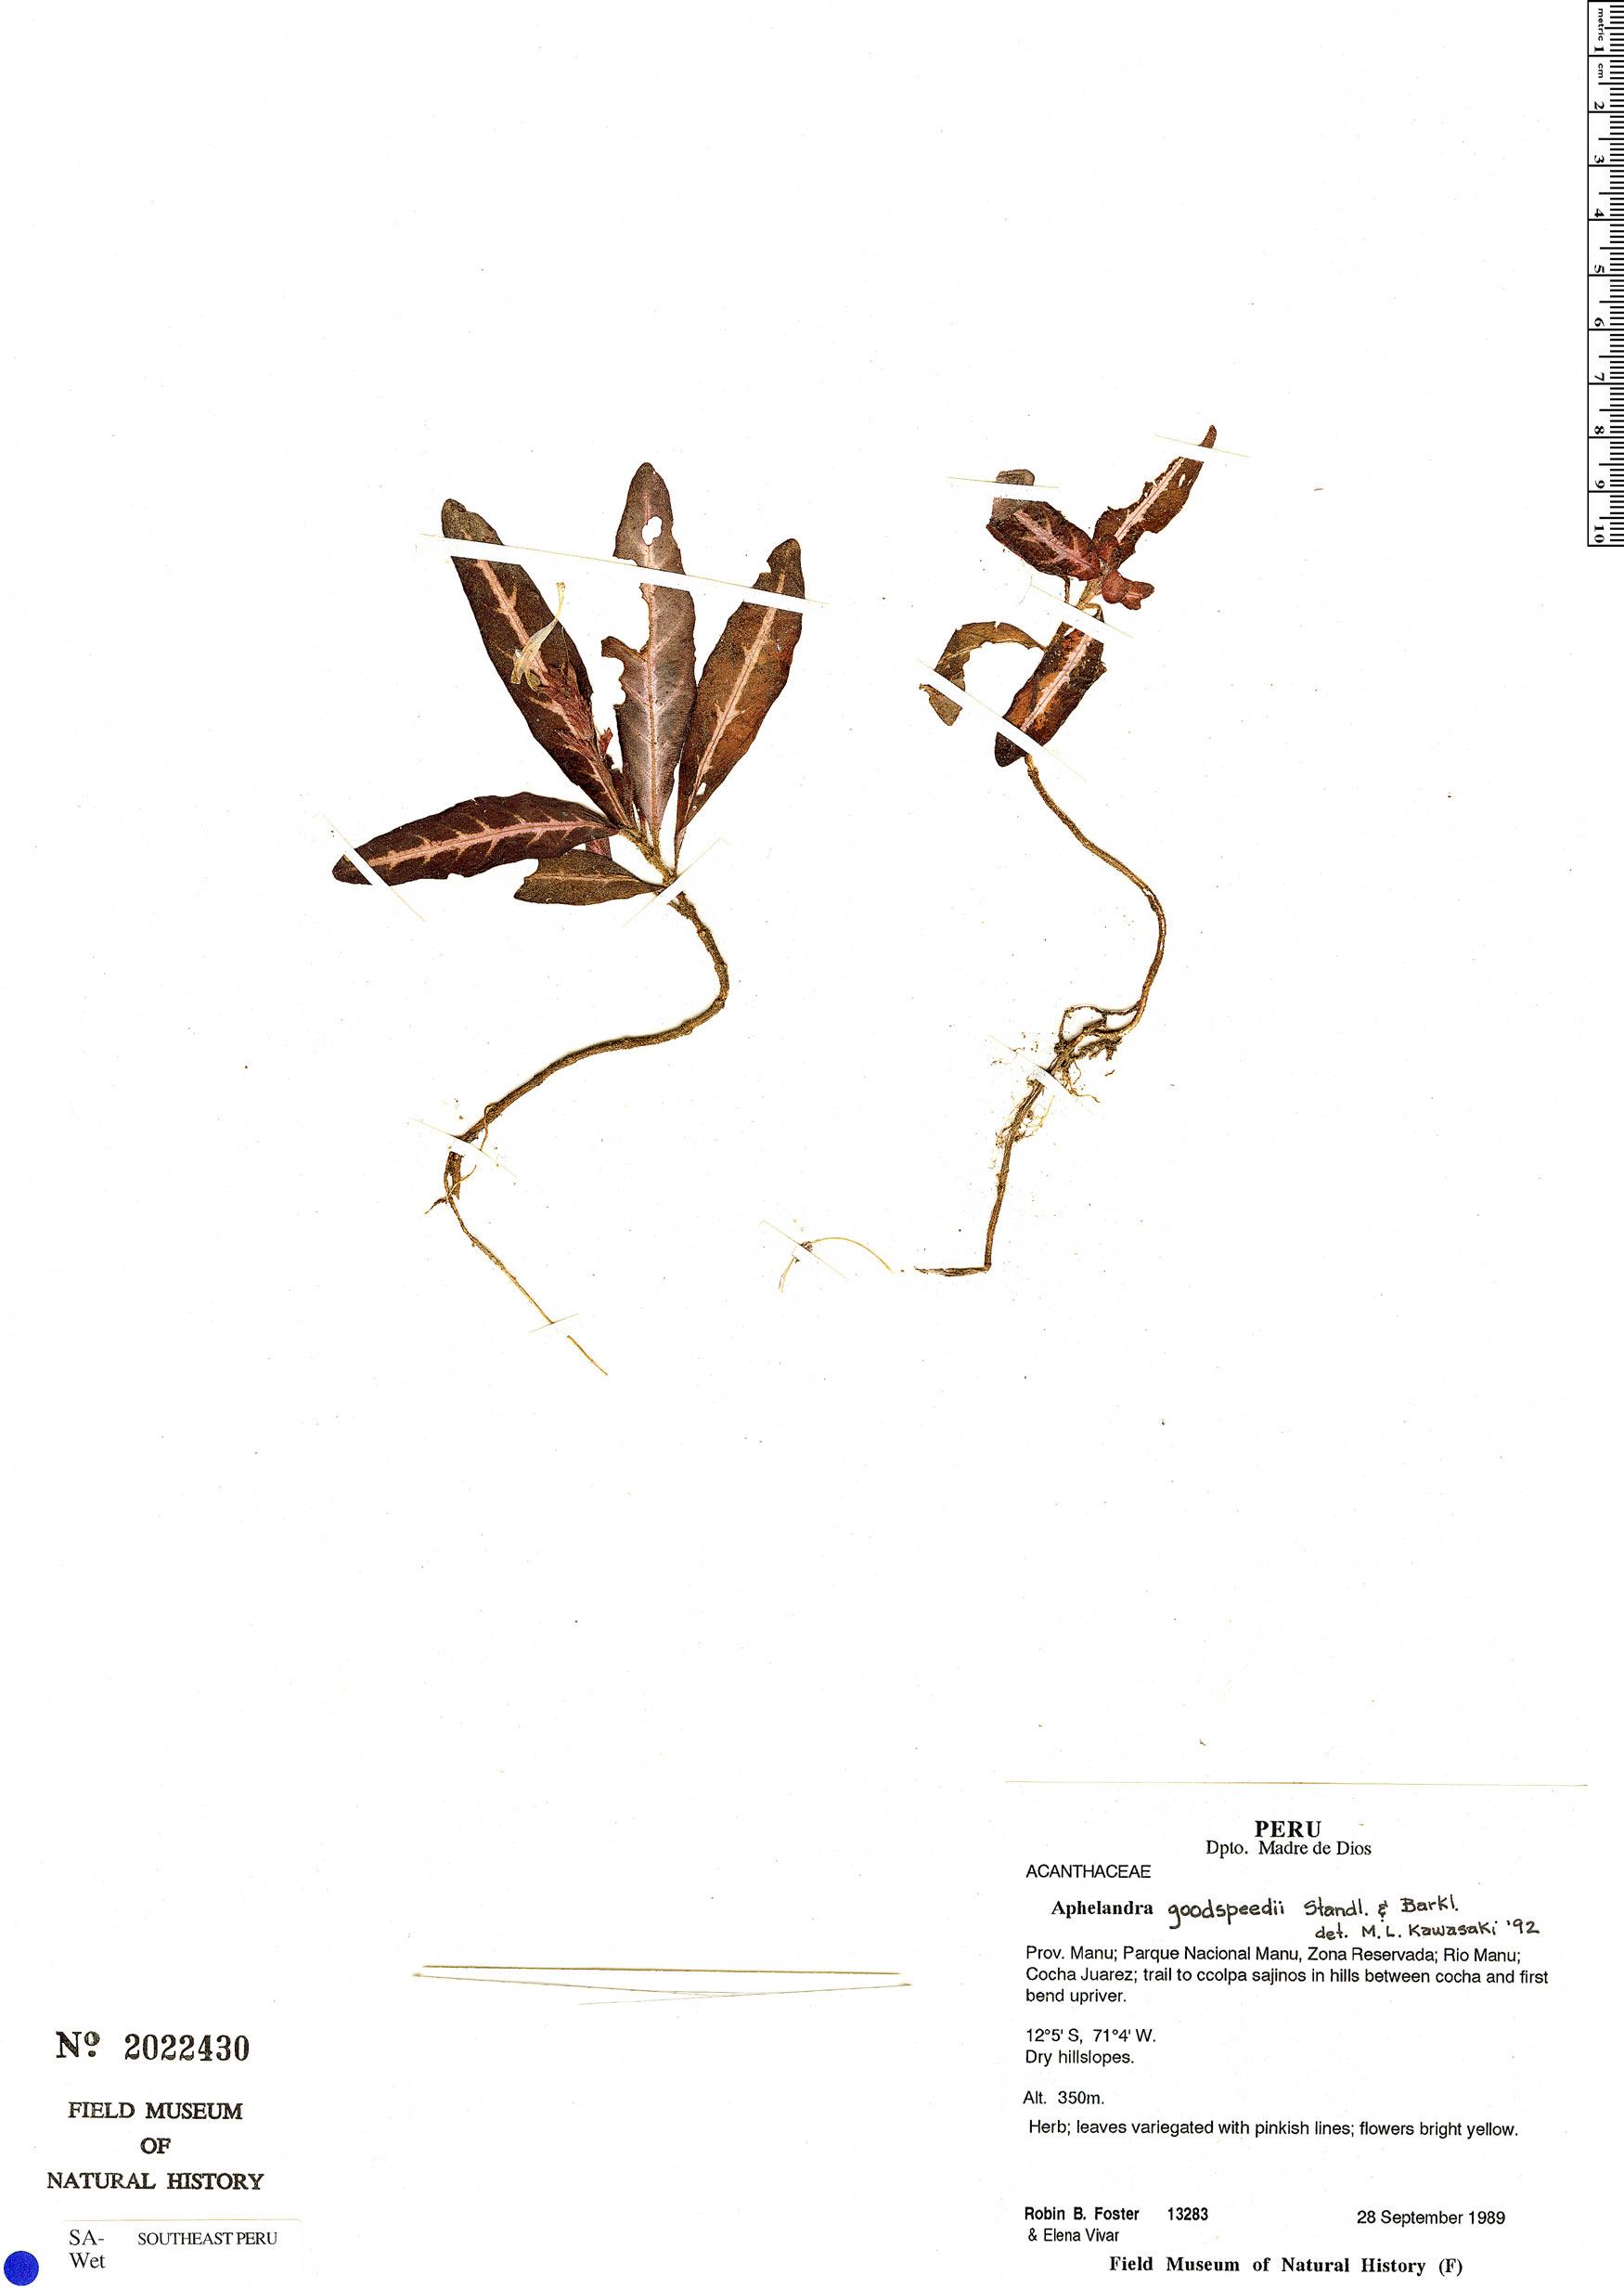 Espécime: Aphelandra goodspeedii